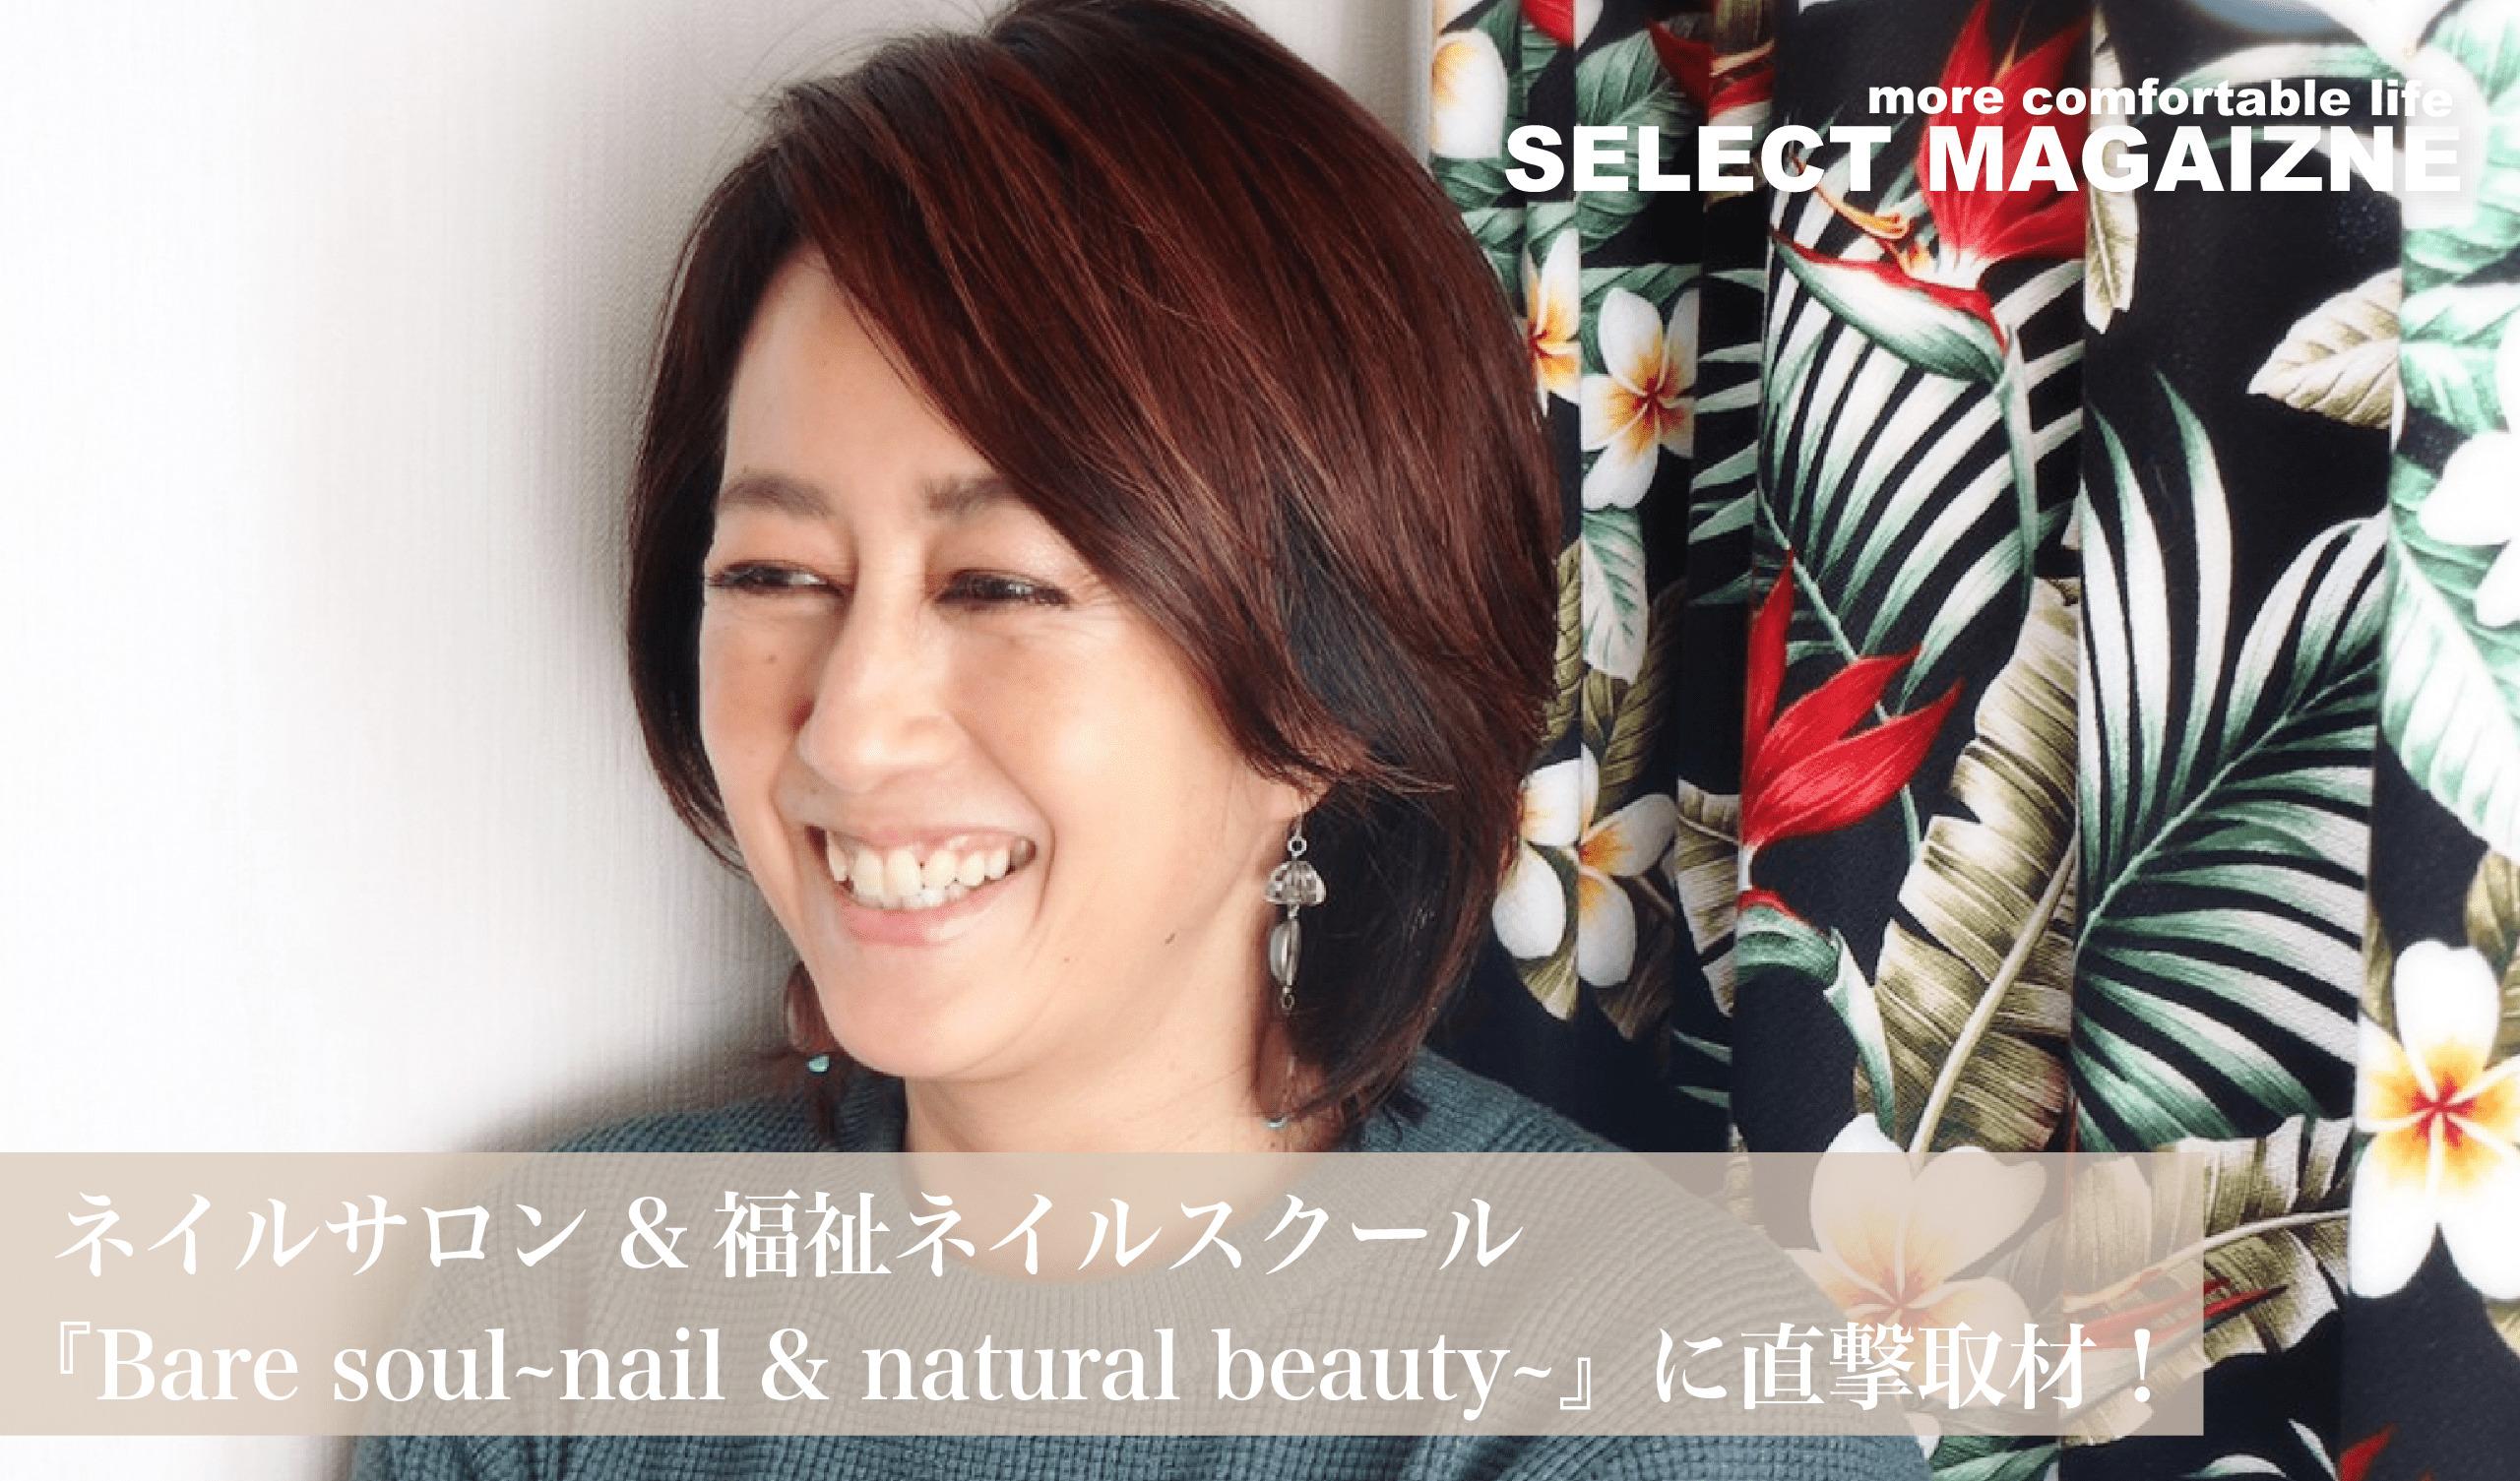 【千葉県の稲毛にある『Bare soul~nail & natural beauty~』に直撃取材!】|稲毛